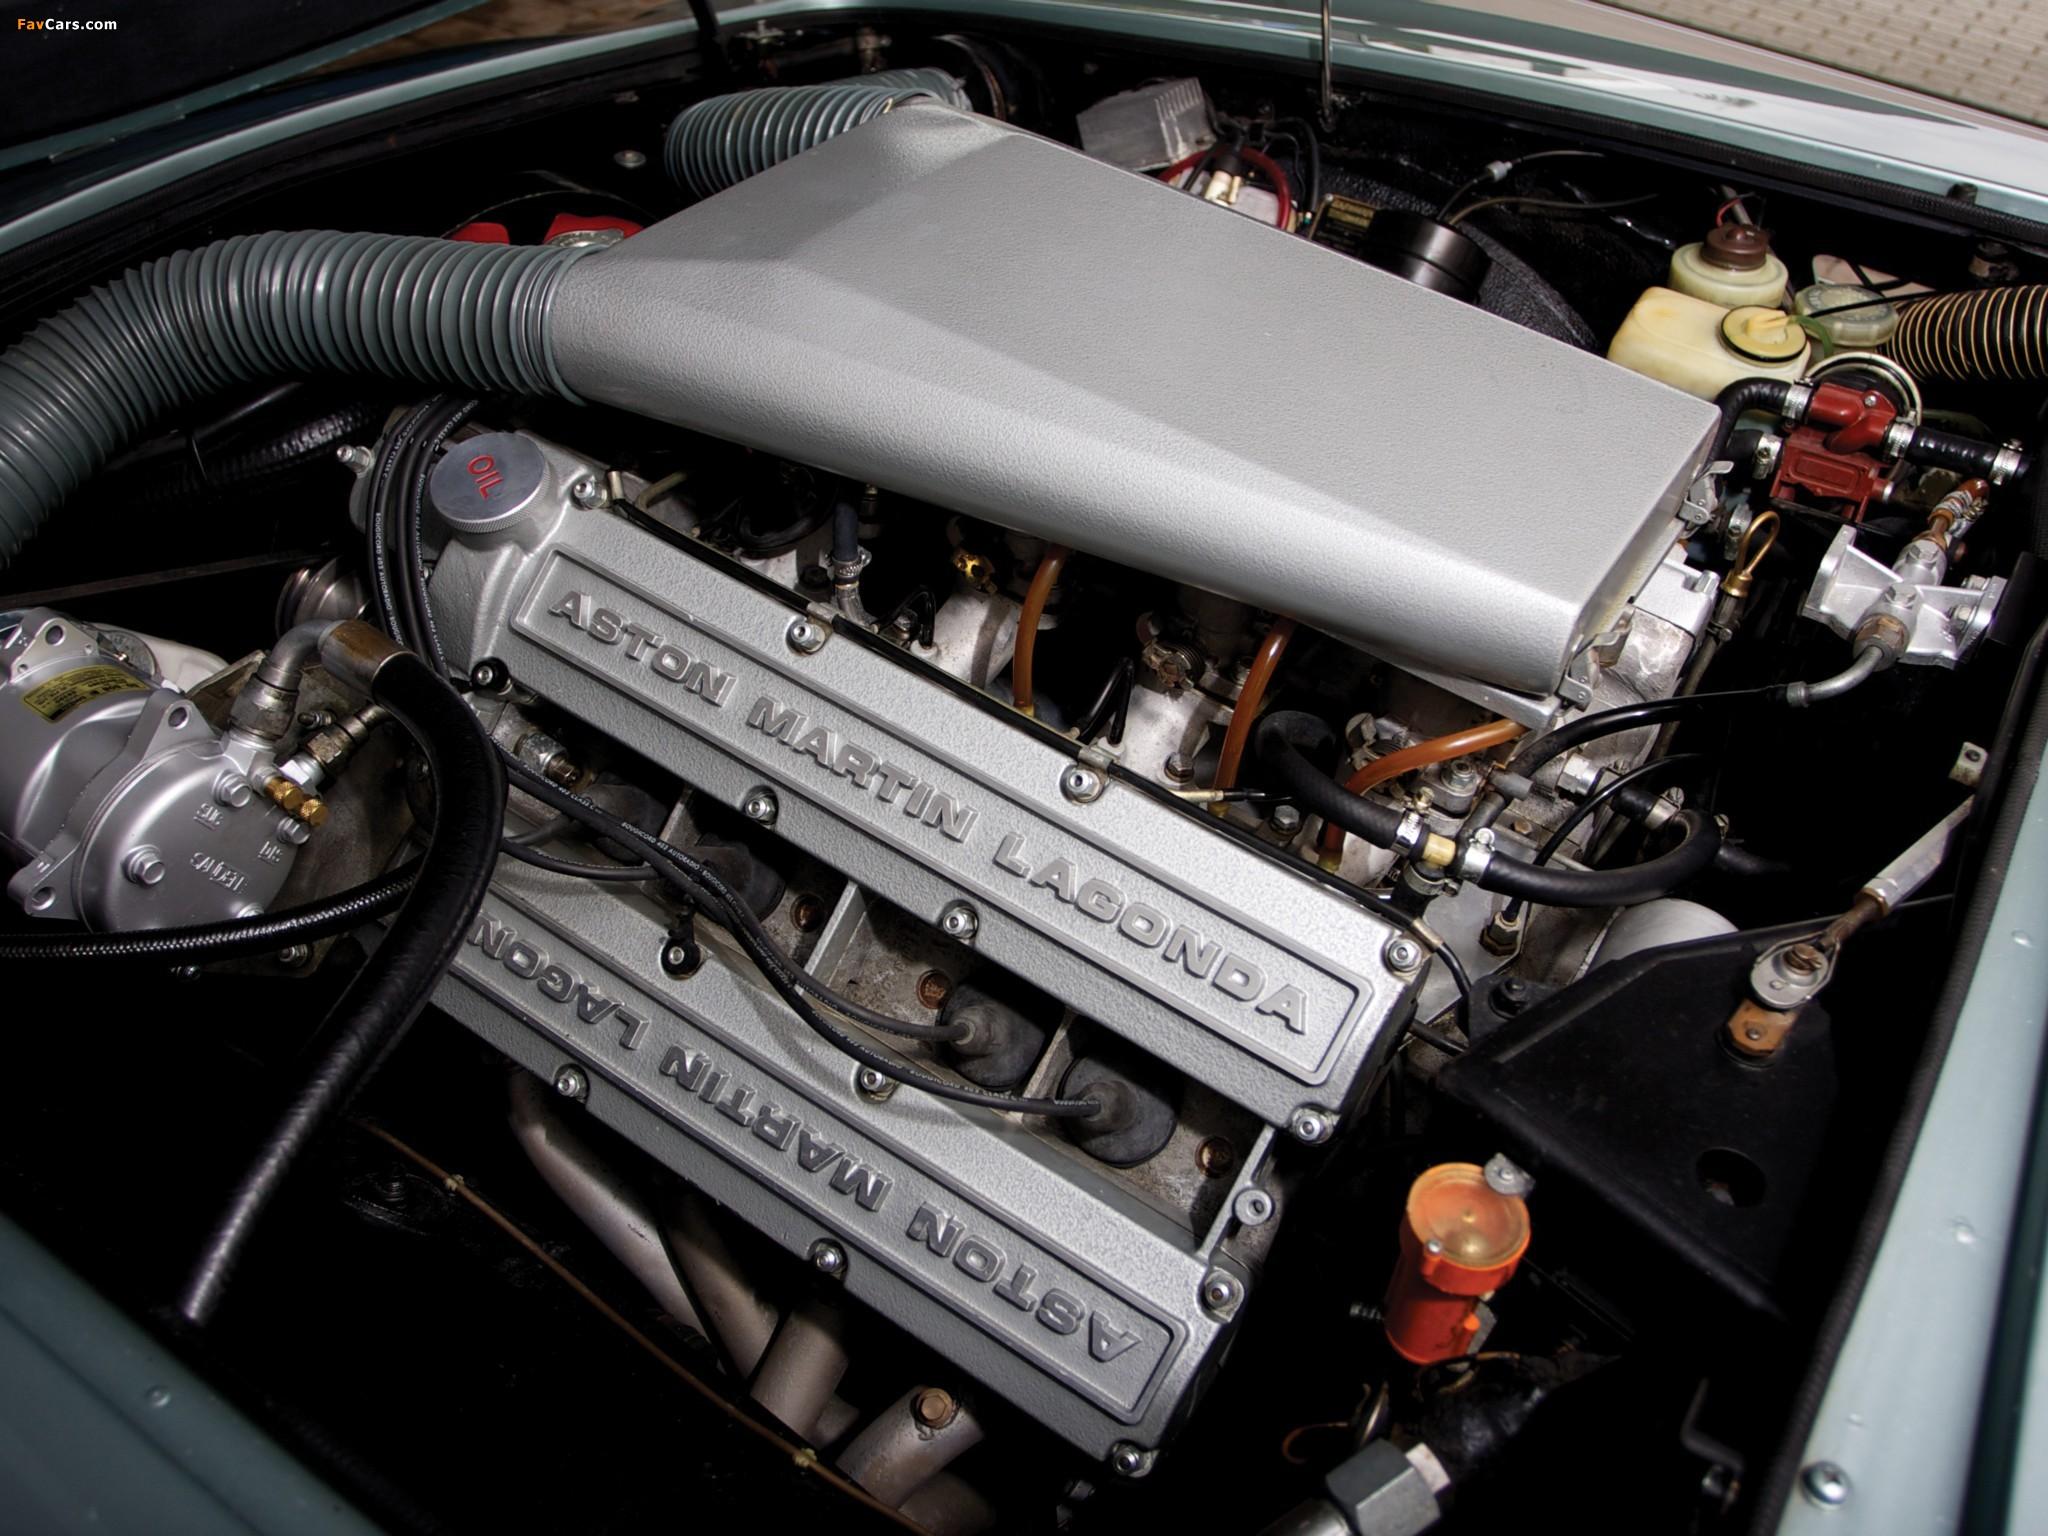 http://img.favcars.com/aston-martin/v8/images_aston-martin_v8_1977_6.jpg